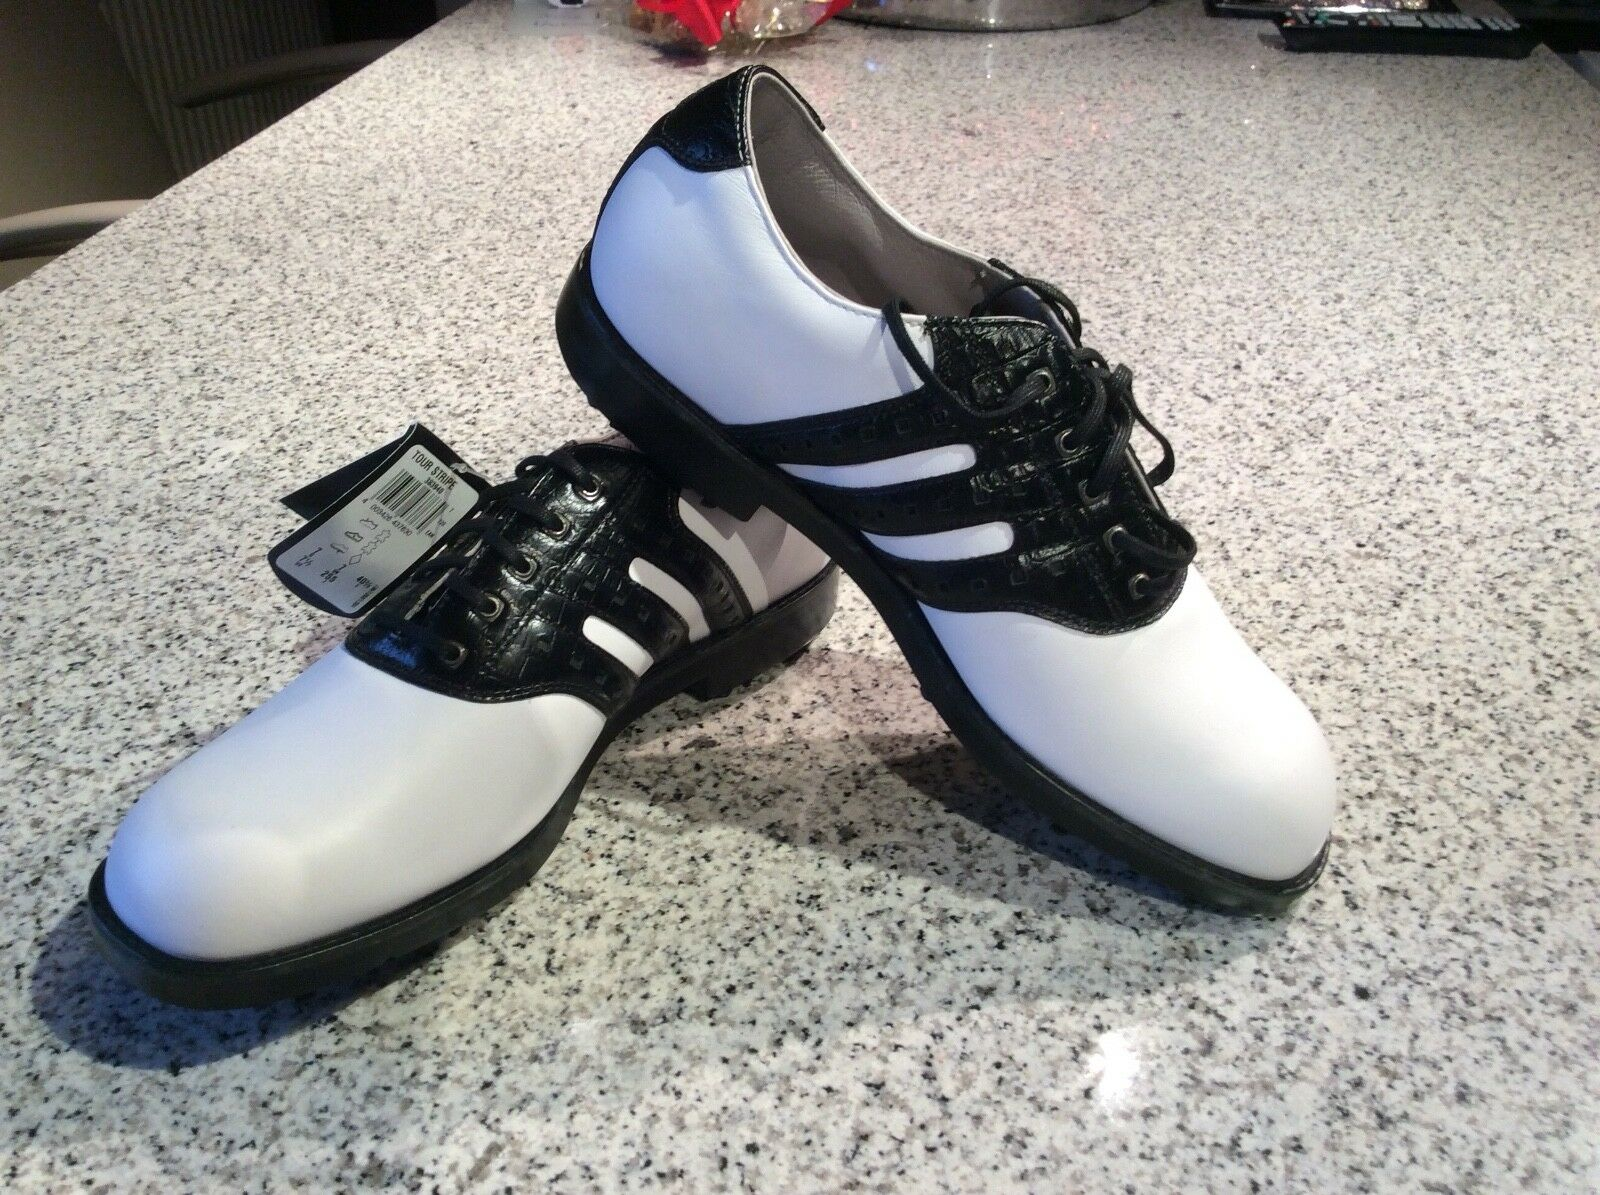 adidas Neu Golfschuhe weiss schwarz Leder Neu adidas Gr. D 7 d59fa2